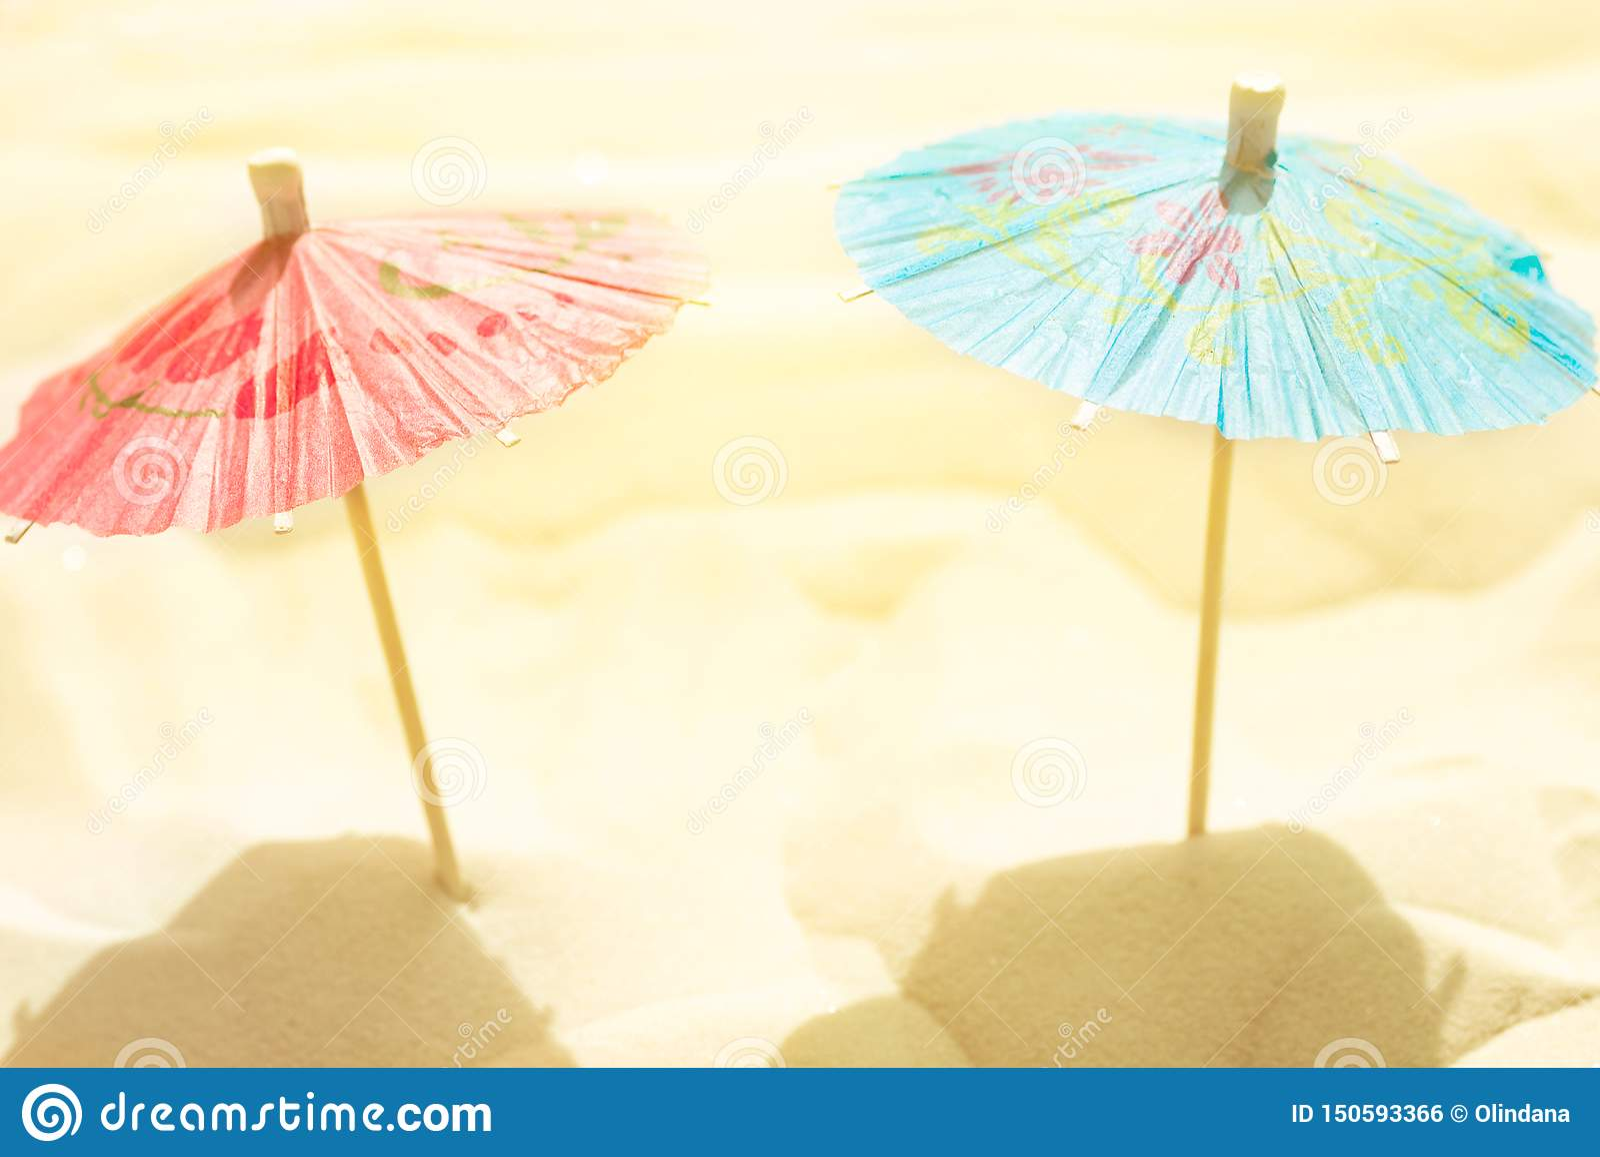 Paraguas de papel del cóctel en la arena de la playa en luz del sol de oro Imagen estilizada artística creativa Relajación de las